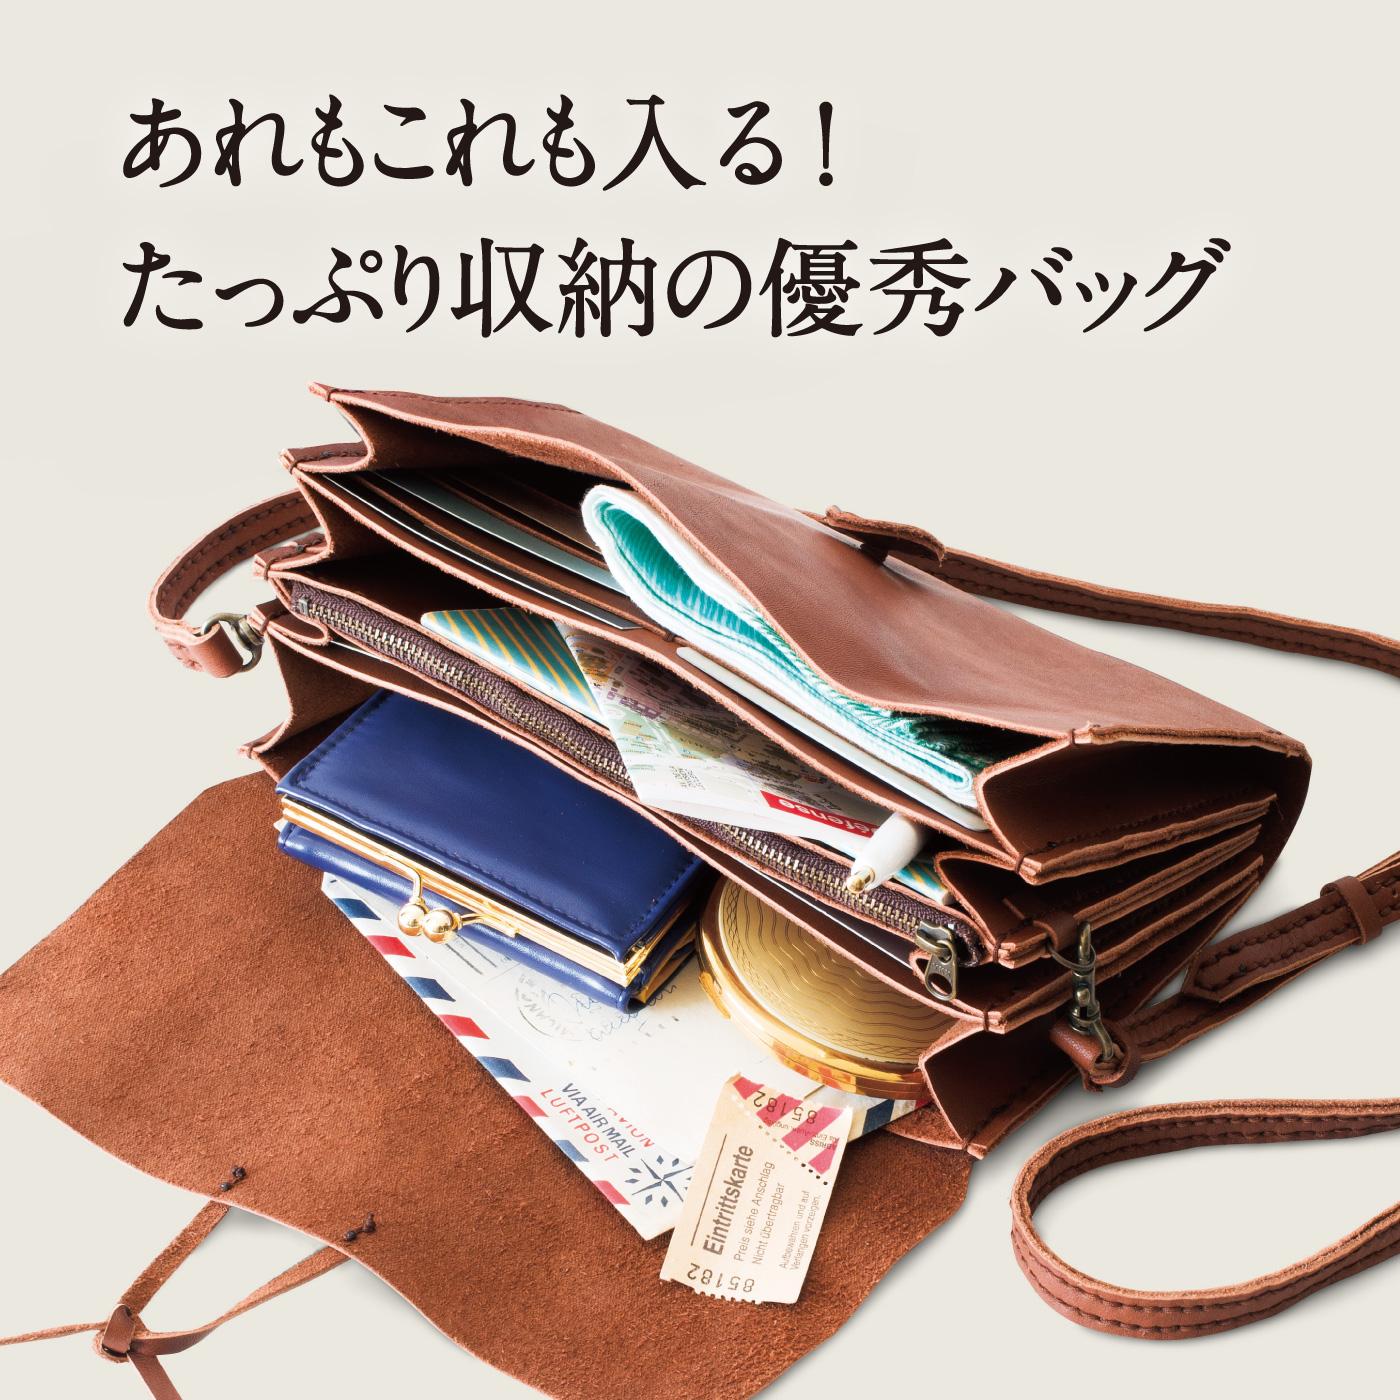 あれもこれも入る! たっぷり収納の優秀バッグ。